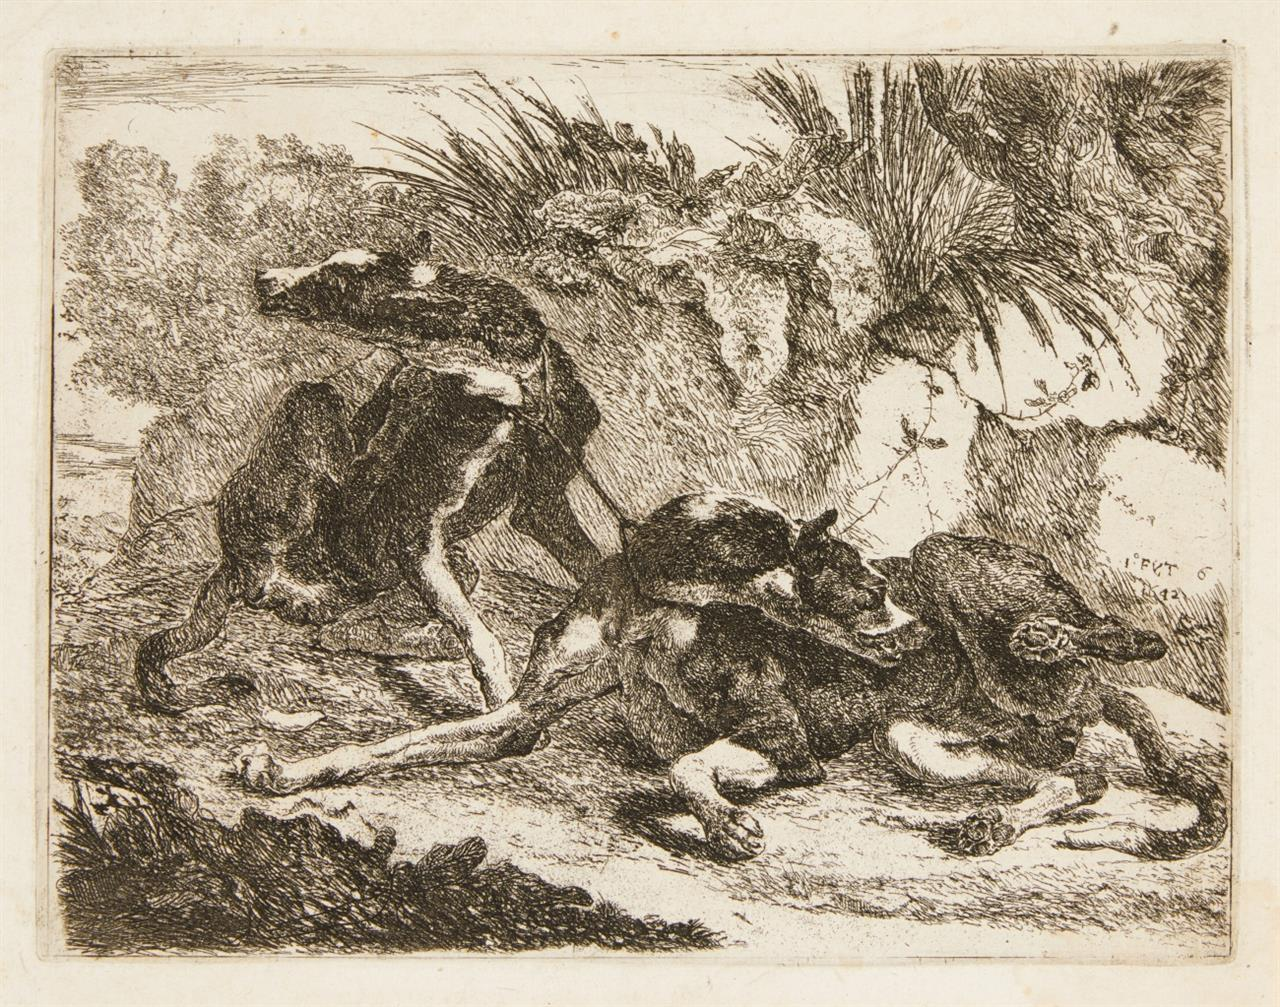 Jan Fyt. Zwei Hunde, davon einer liegend. 1642. Radierung. H 11.